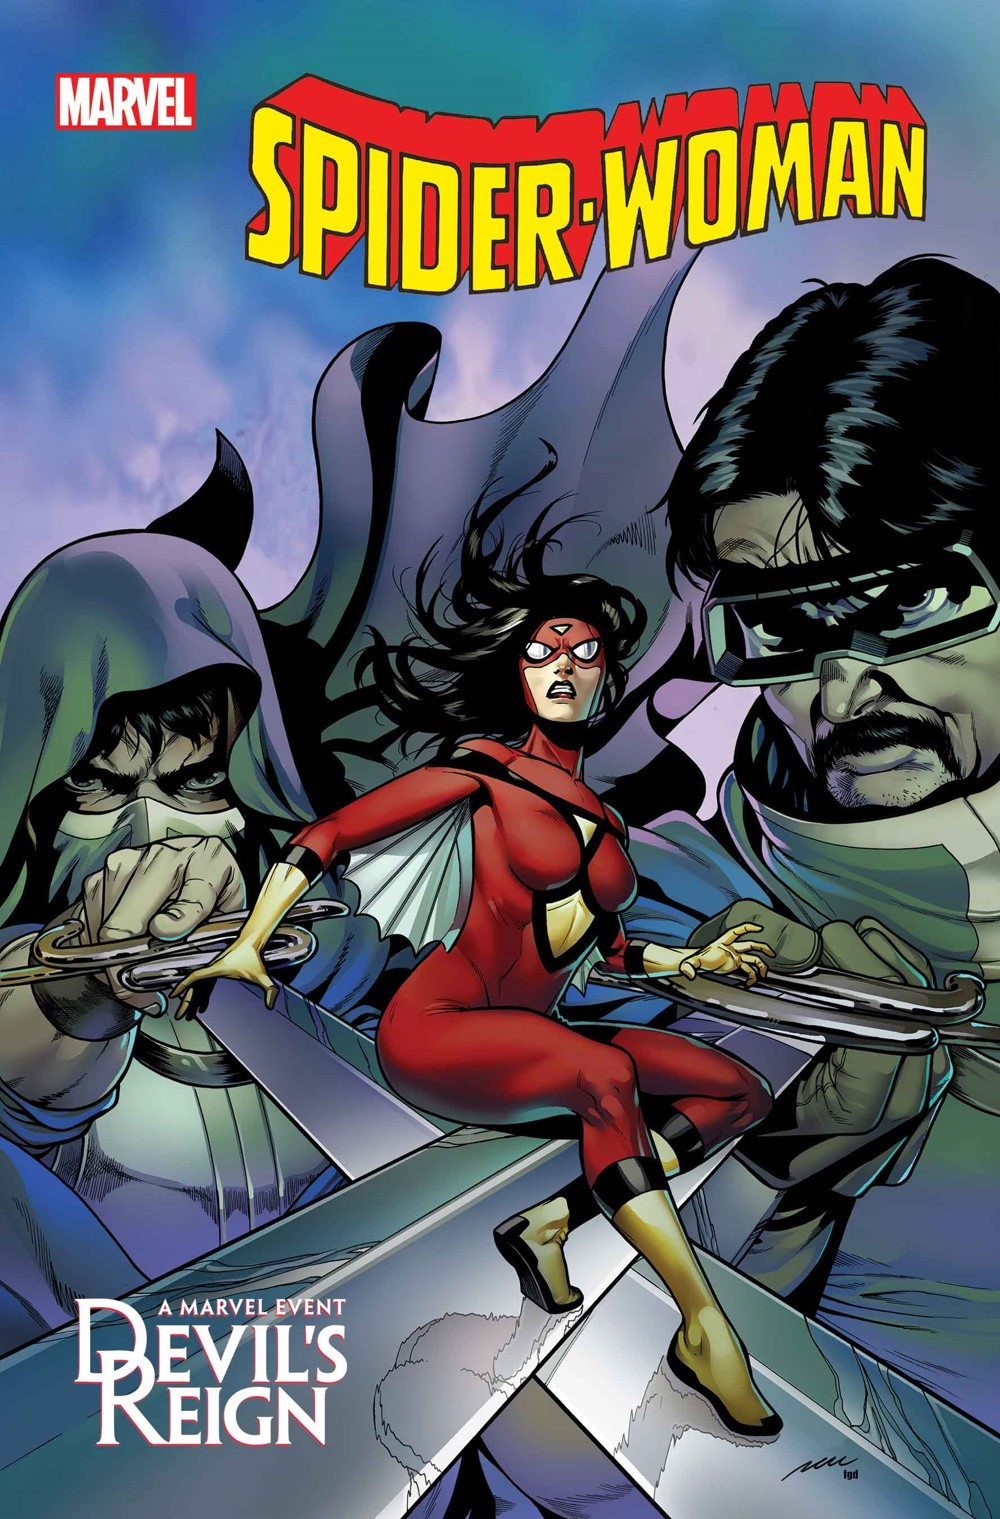 SWOMAN2020018_Perez_var Marvel Comics December 2021 Solicitations